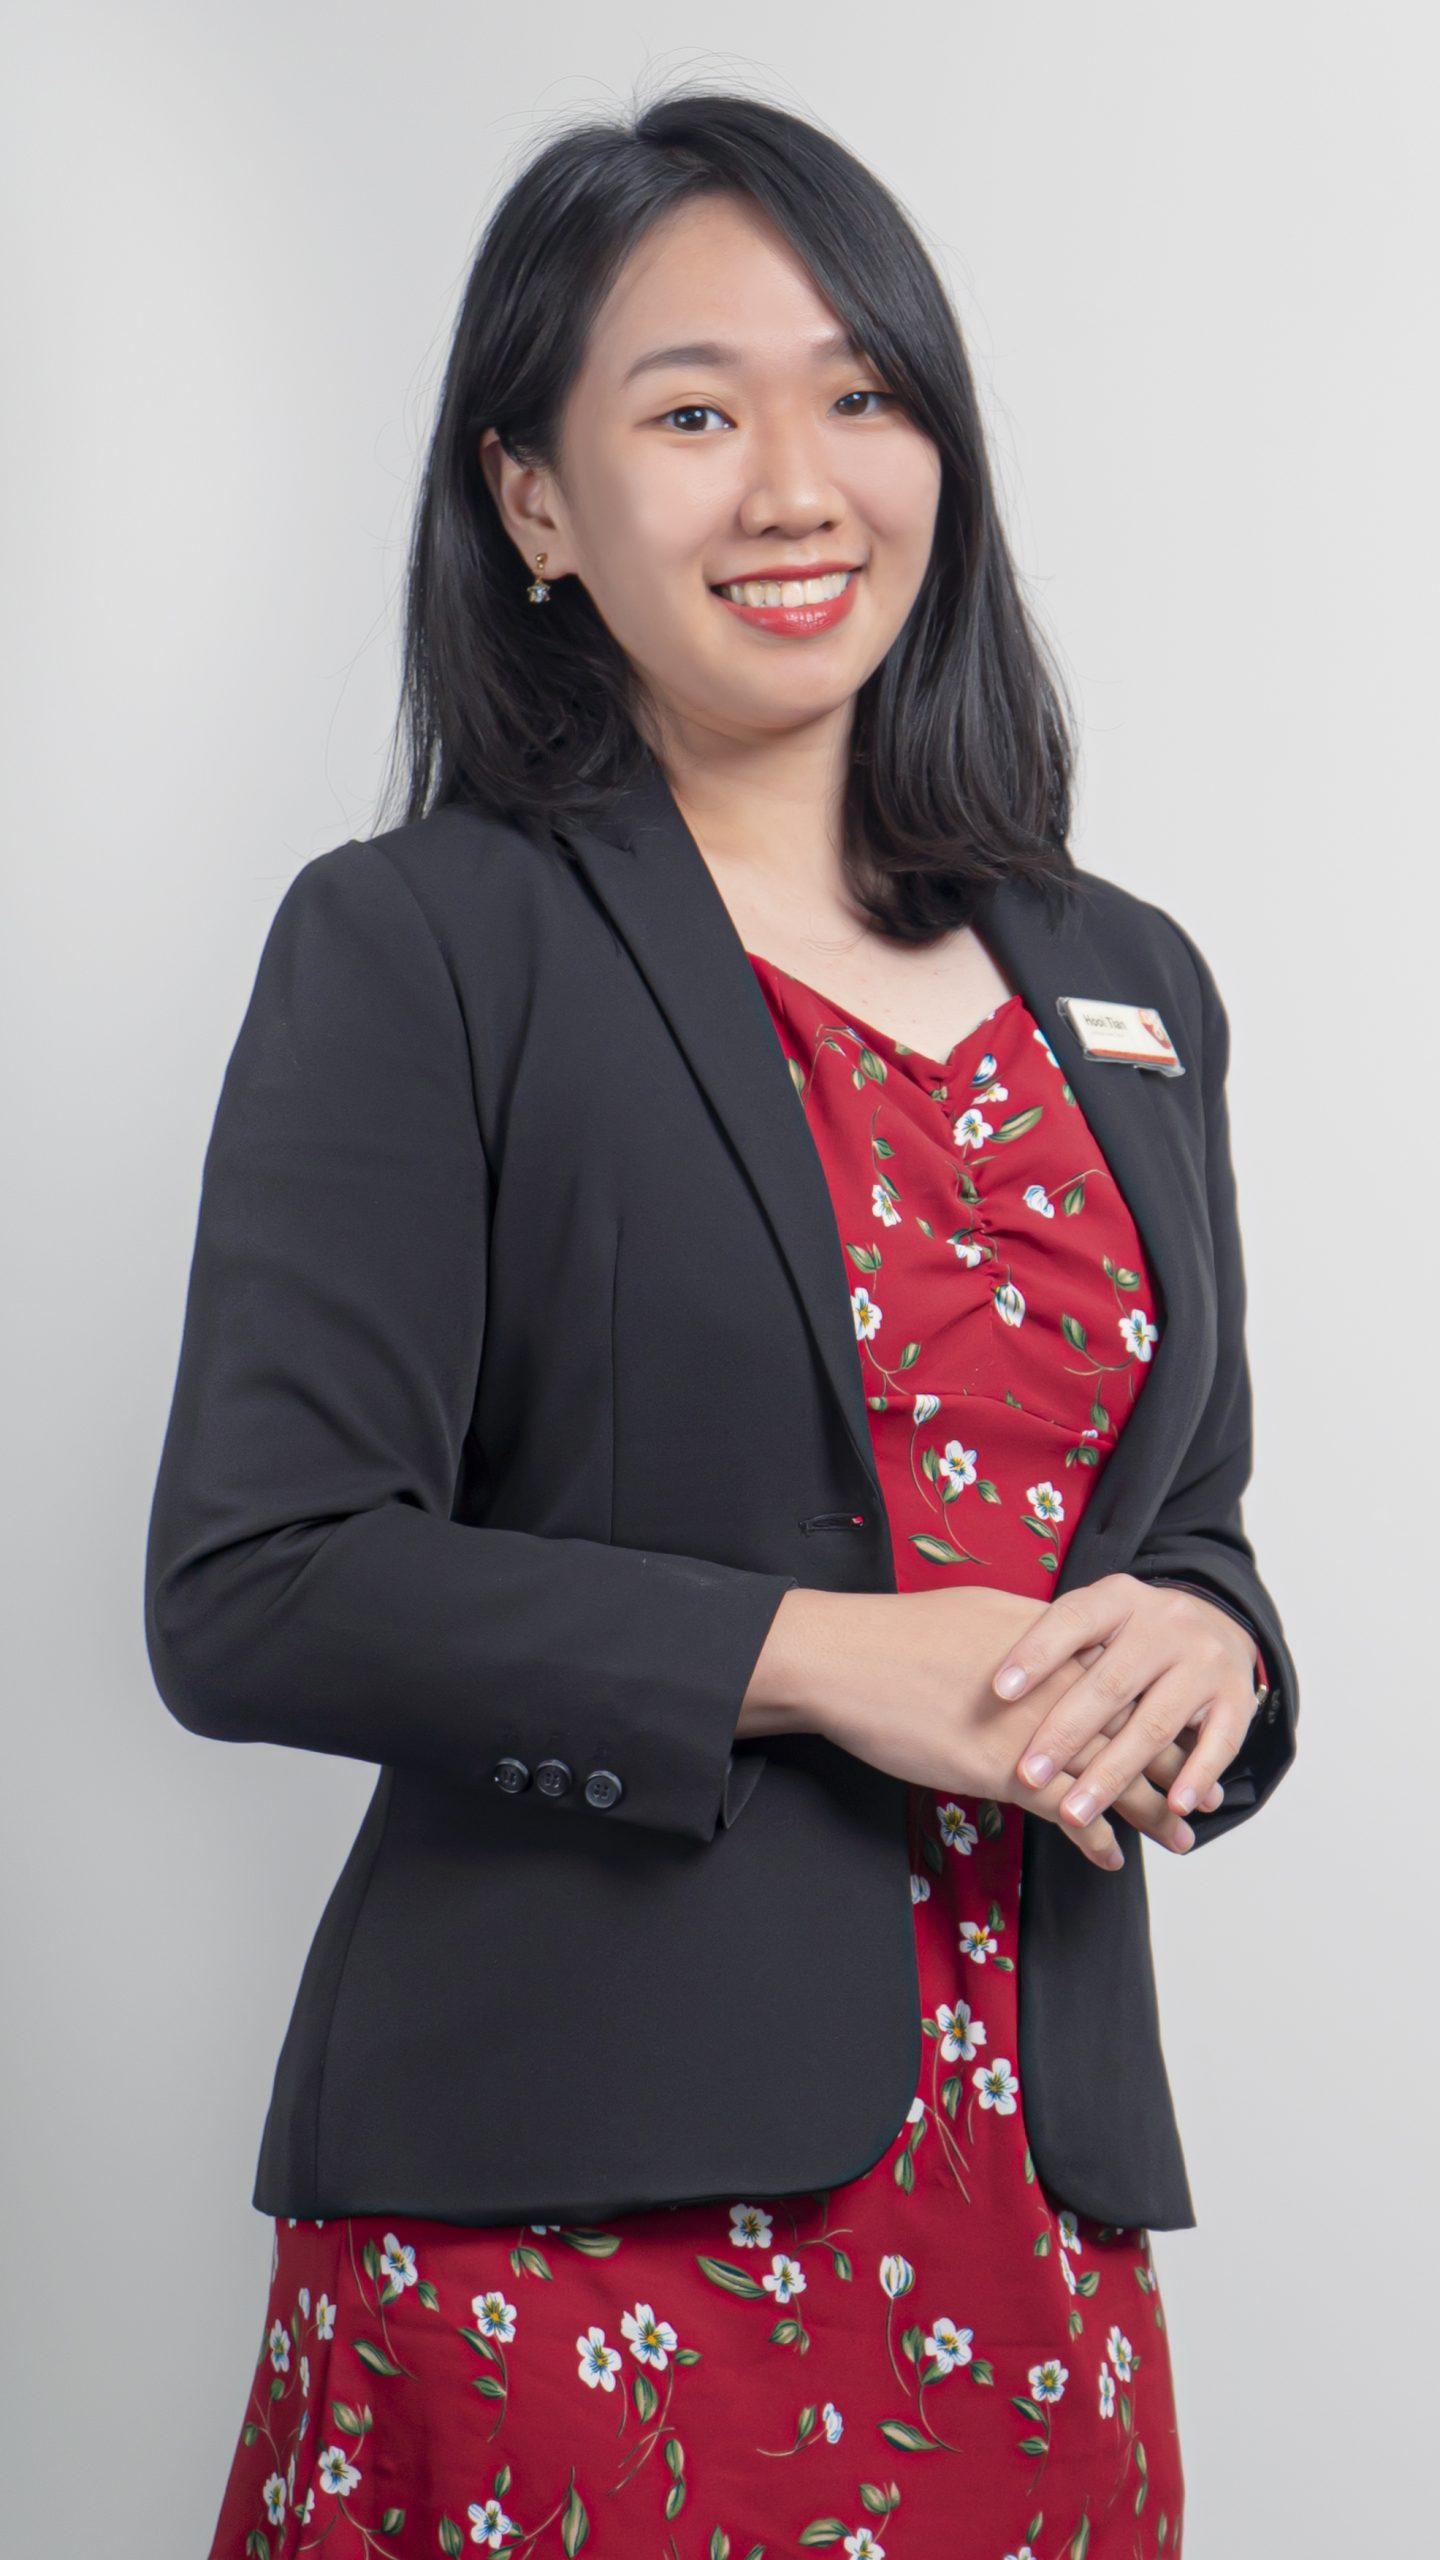 HOOI TIAN LAOSHI